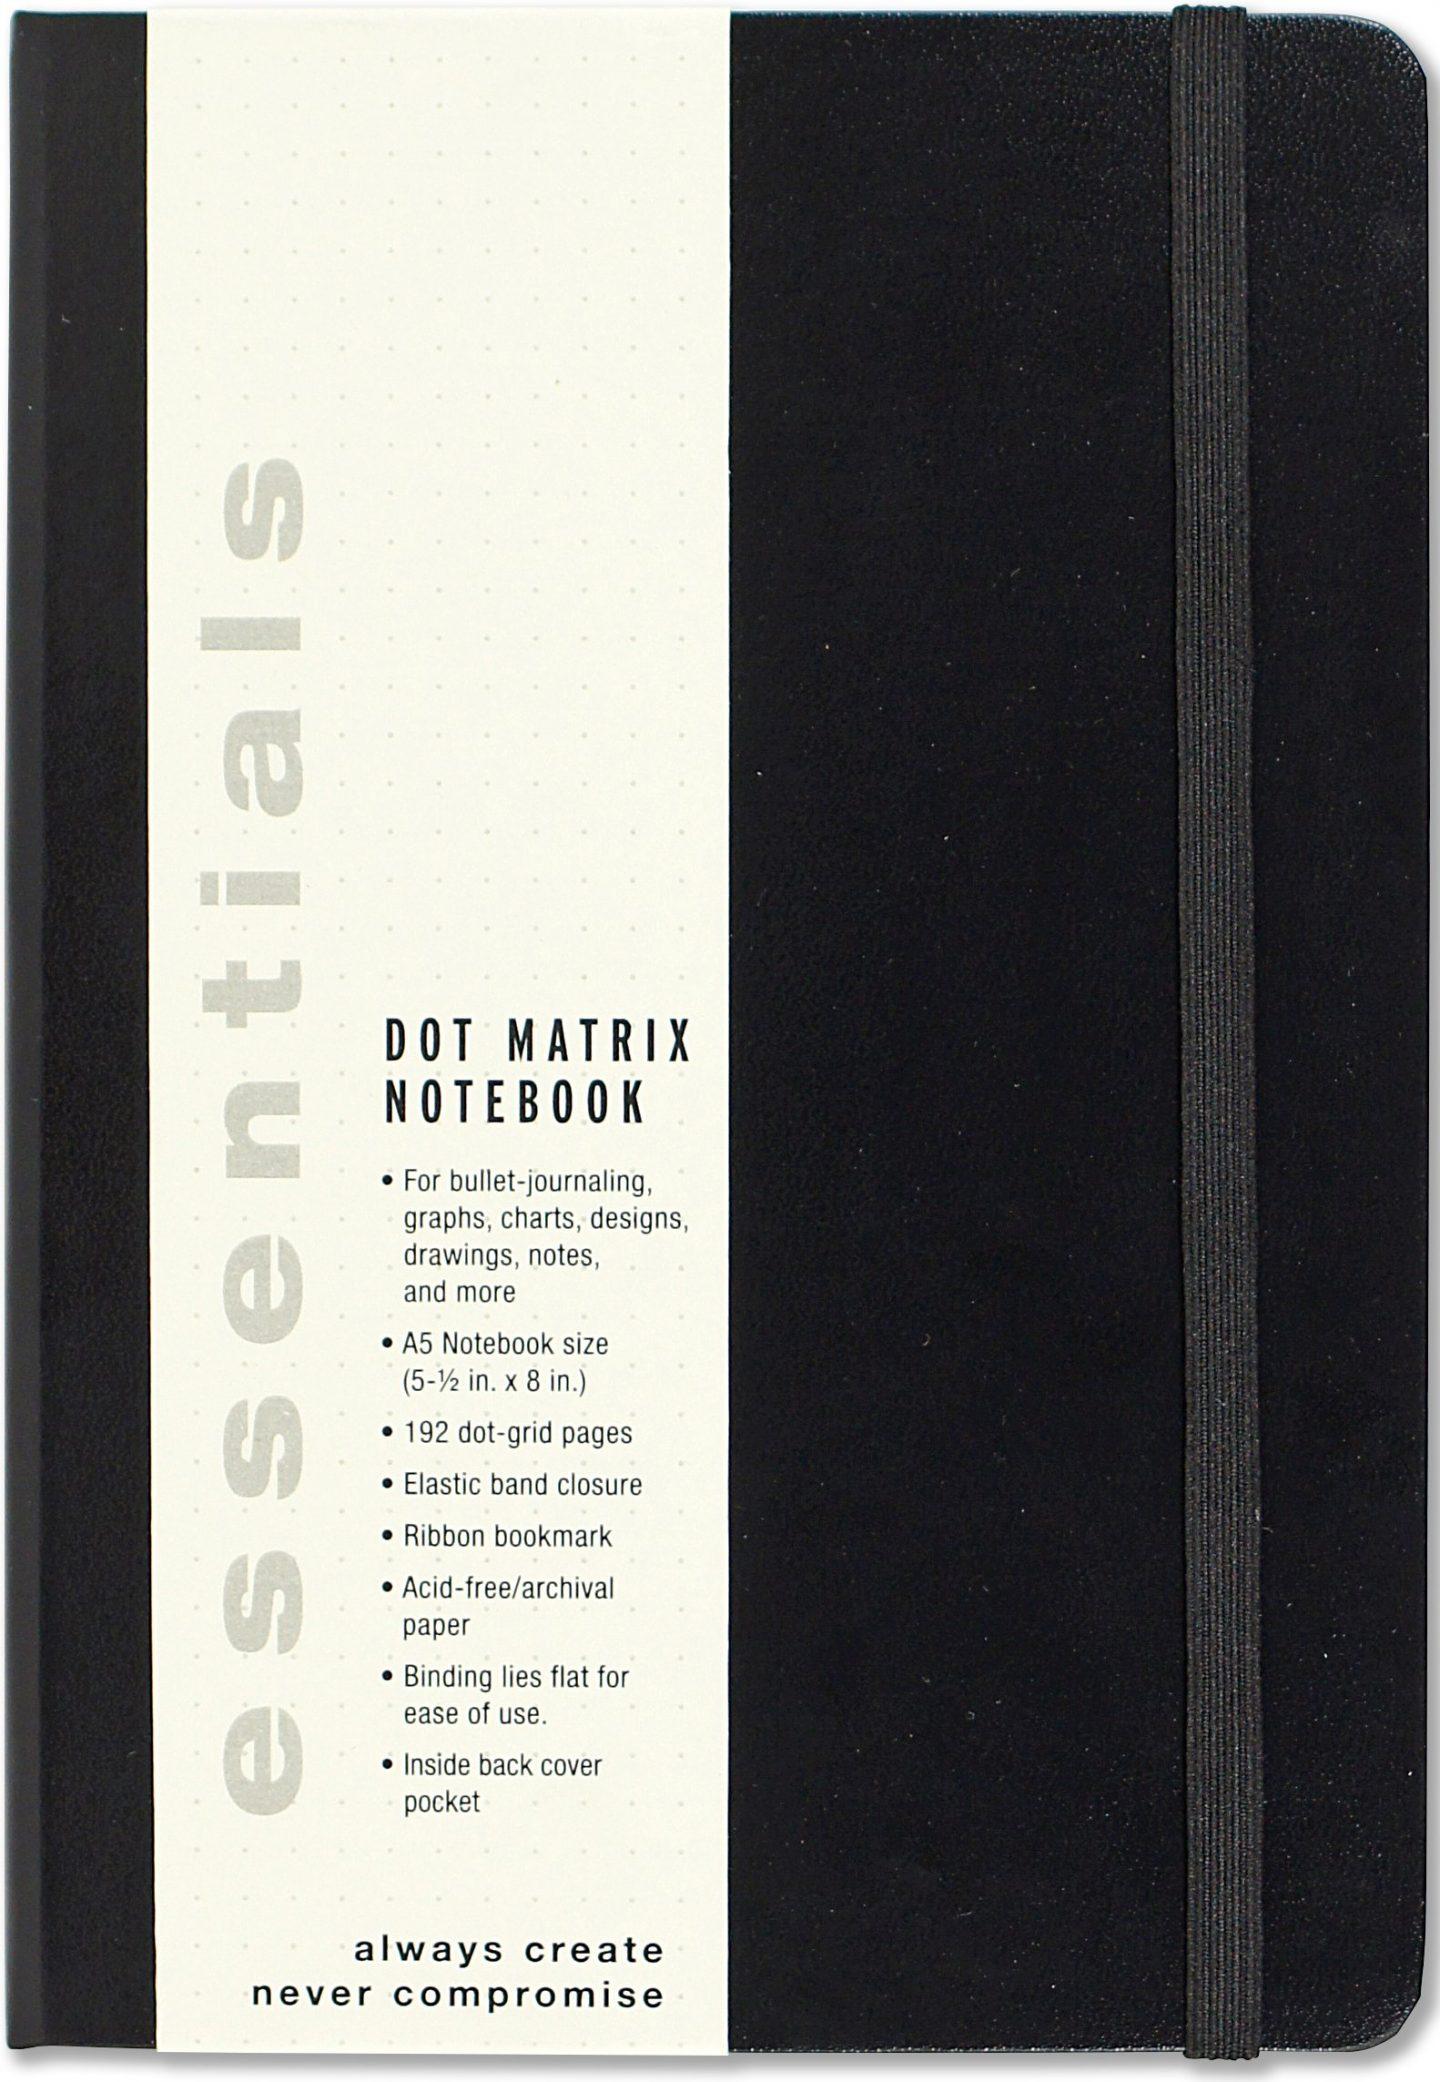 Essentials Dot Matrix Journal is a great budget friendly alternative to the Leuchtturm1917 for bullet journals